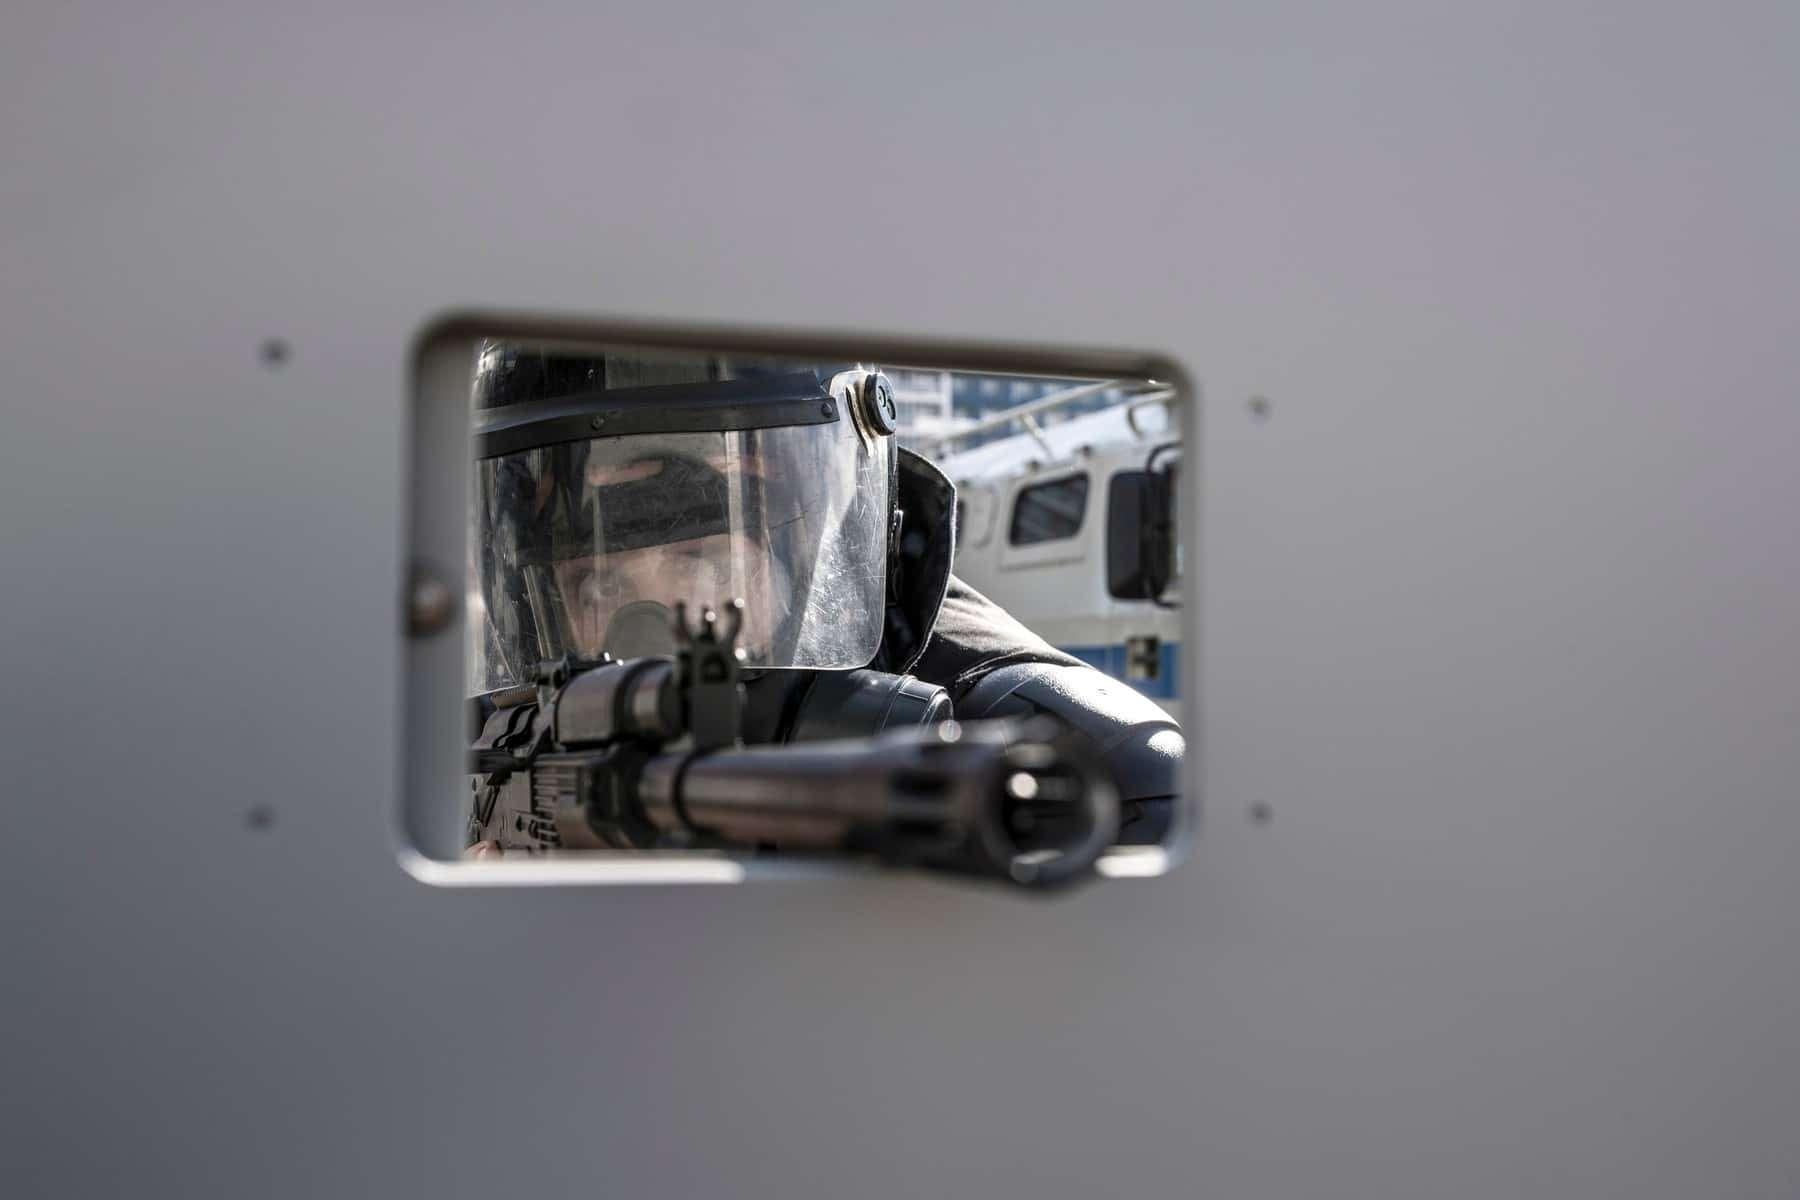 Комплекс «Стена»: Росгвардия получит новую технику дляразгона митингов— фото 906549